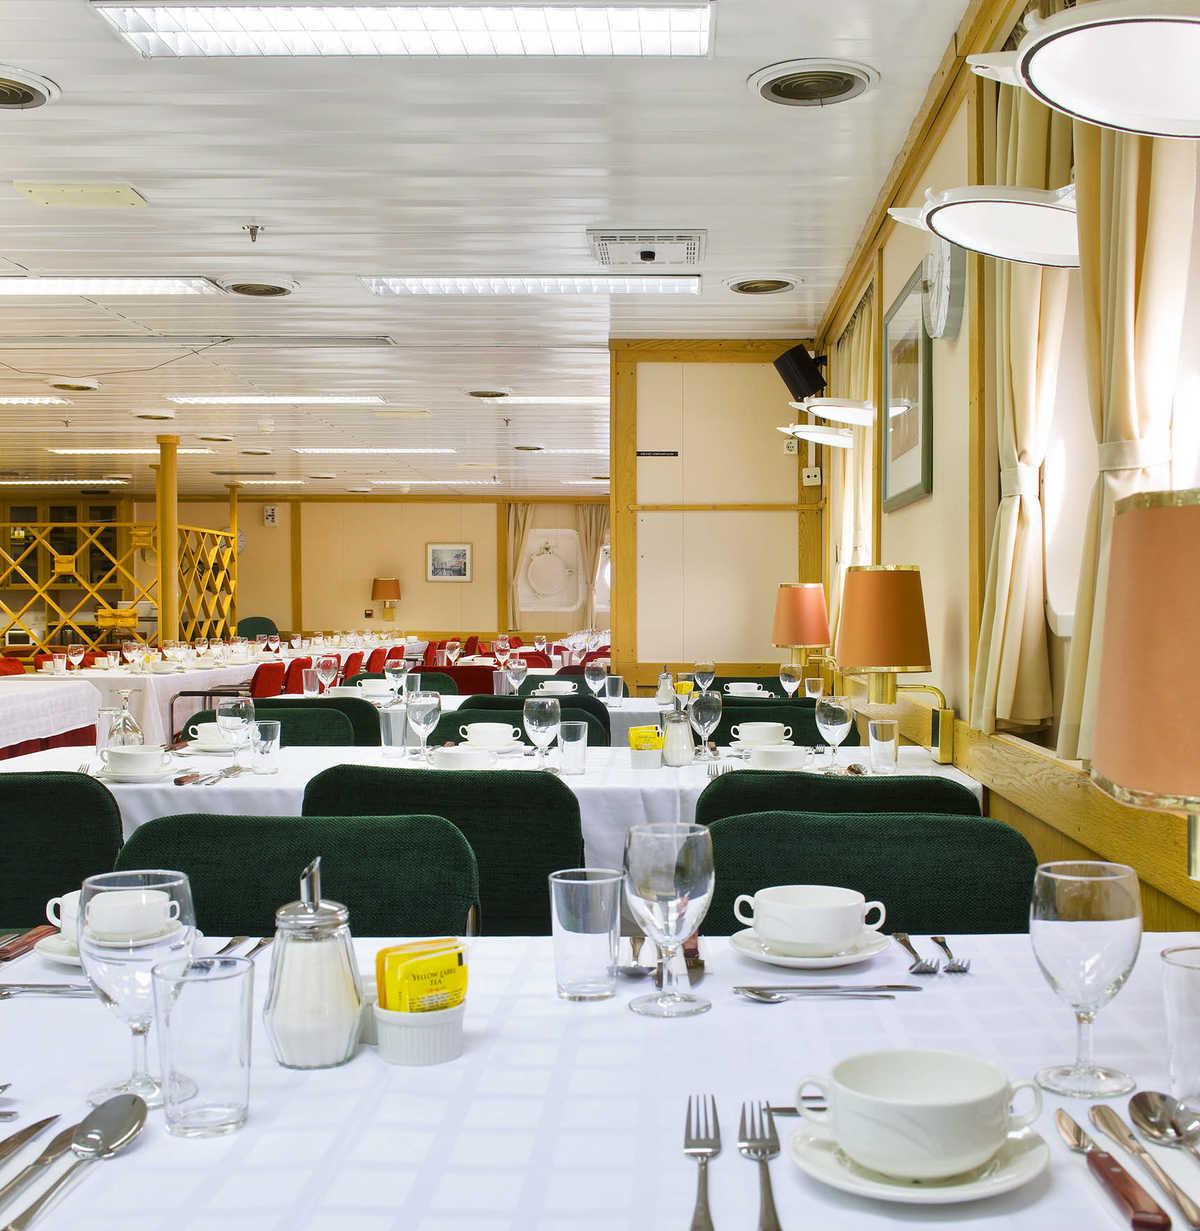 Vavilov dining room